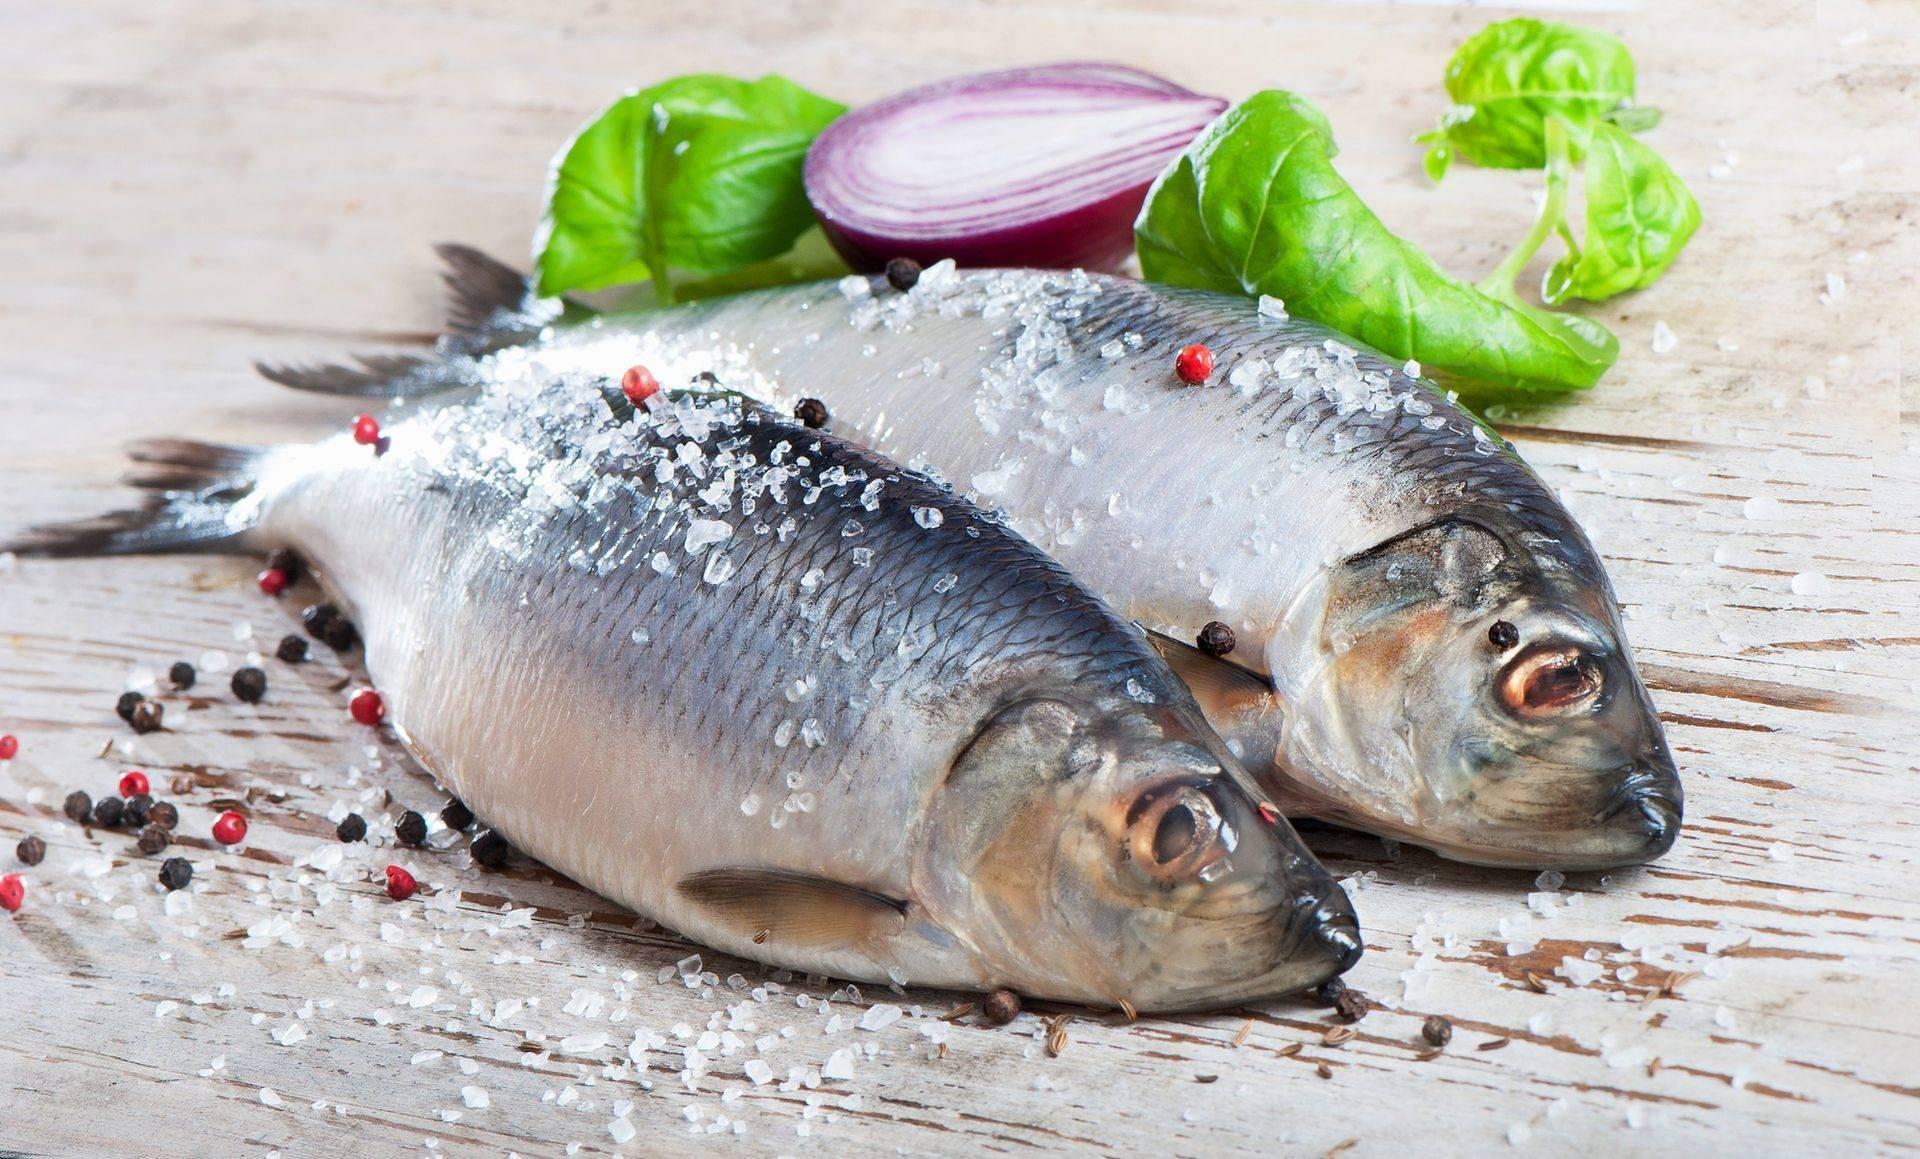 Какую рыбу можно кормящим мамам, допустимо ли кушать красную и соленую при грудном вскармливании